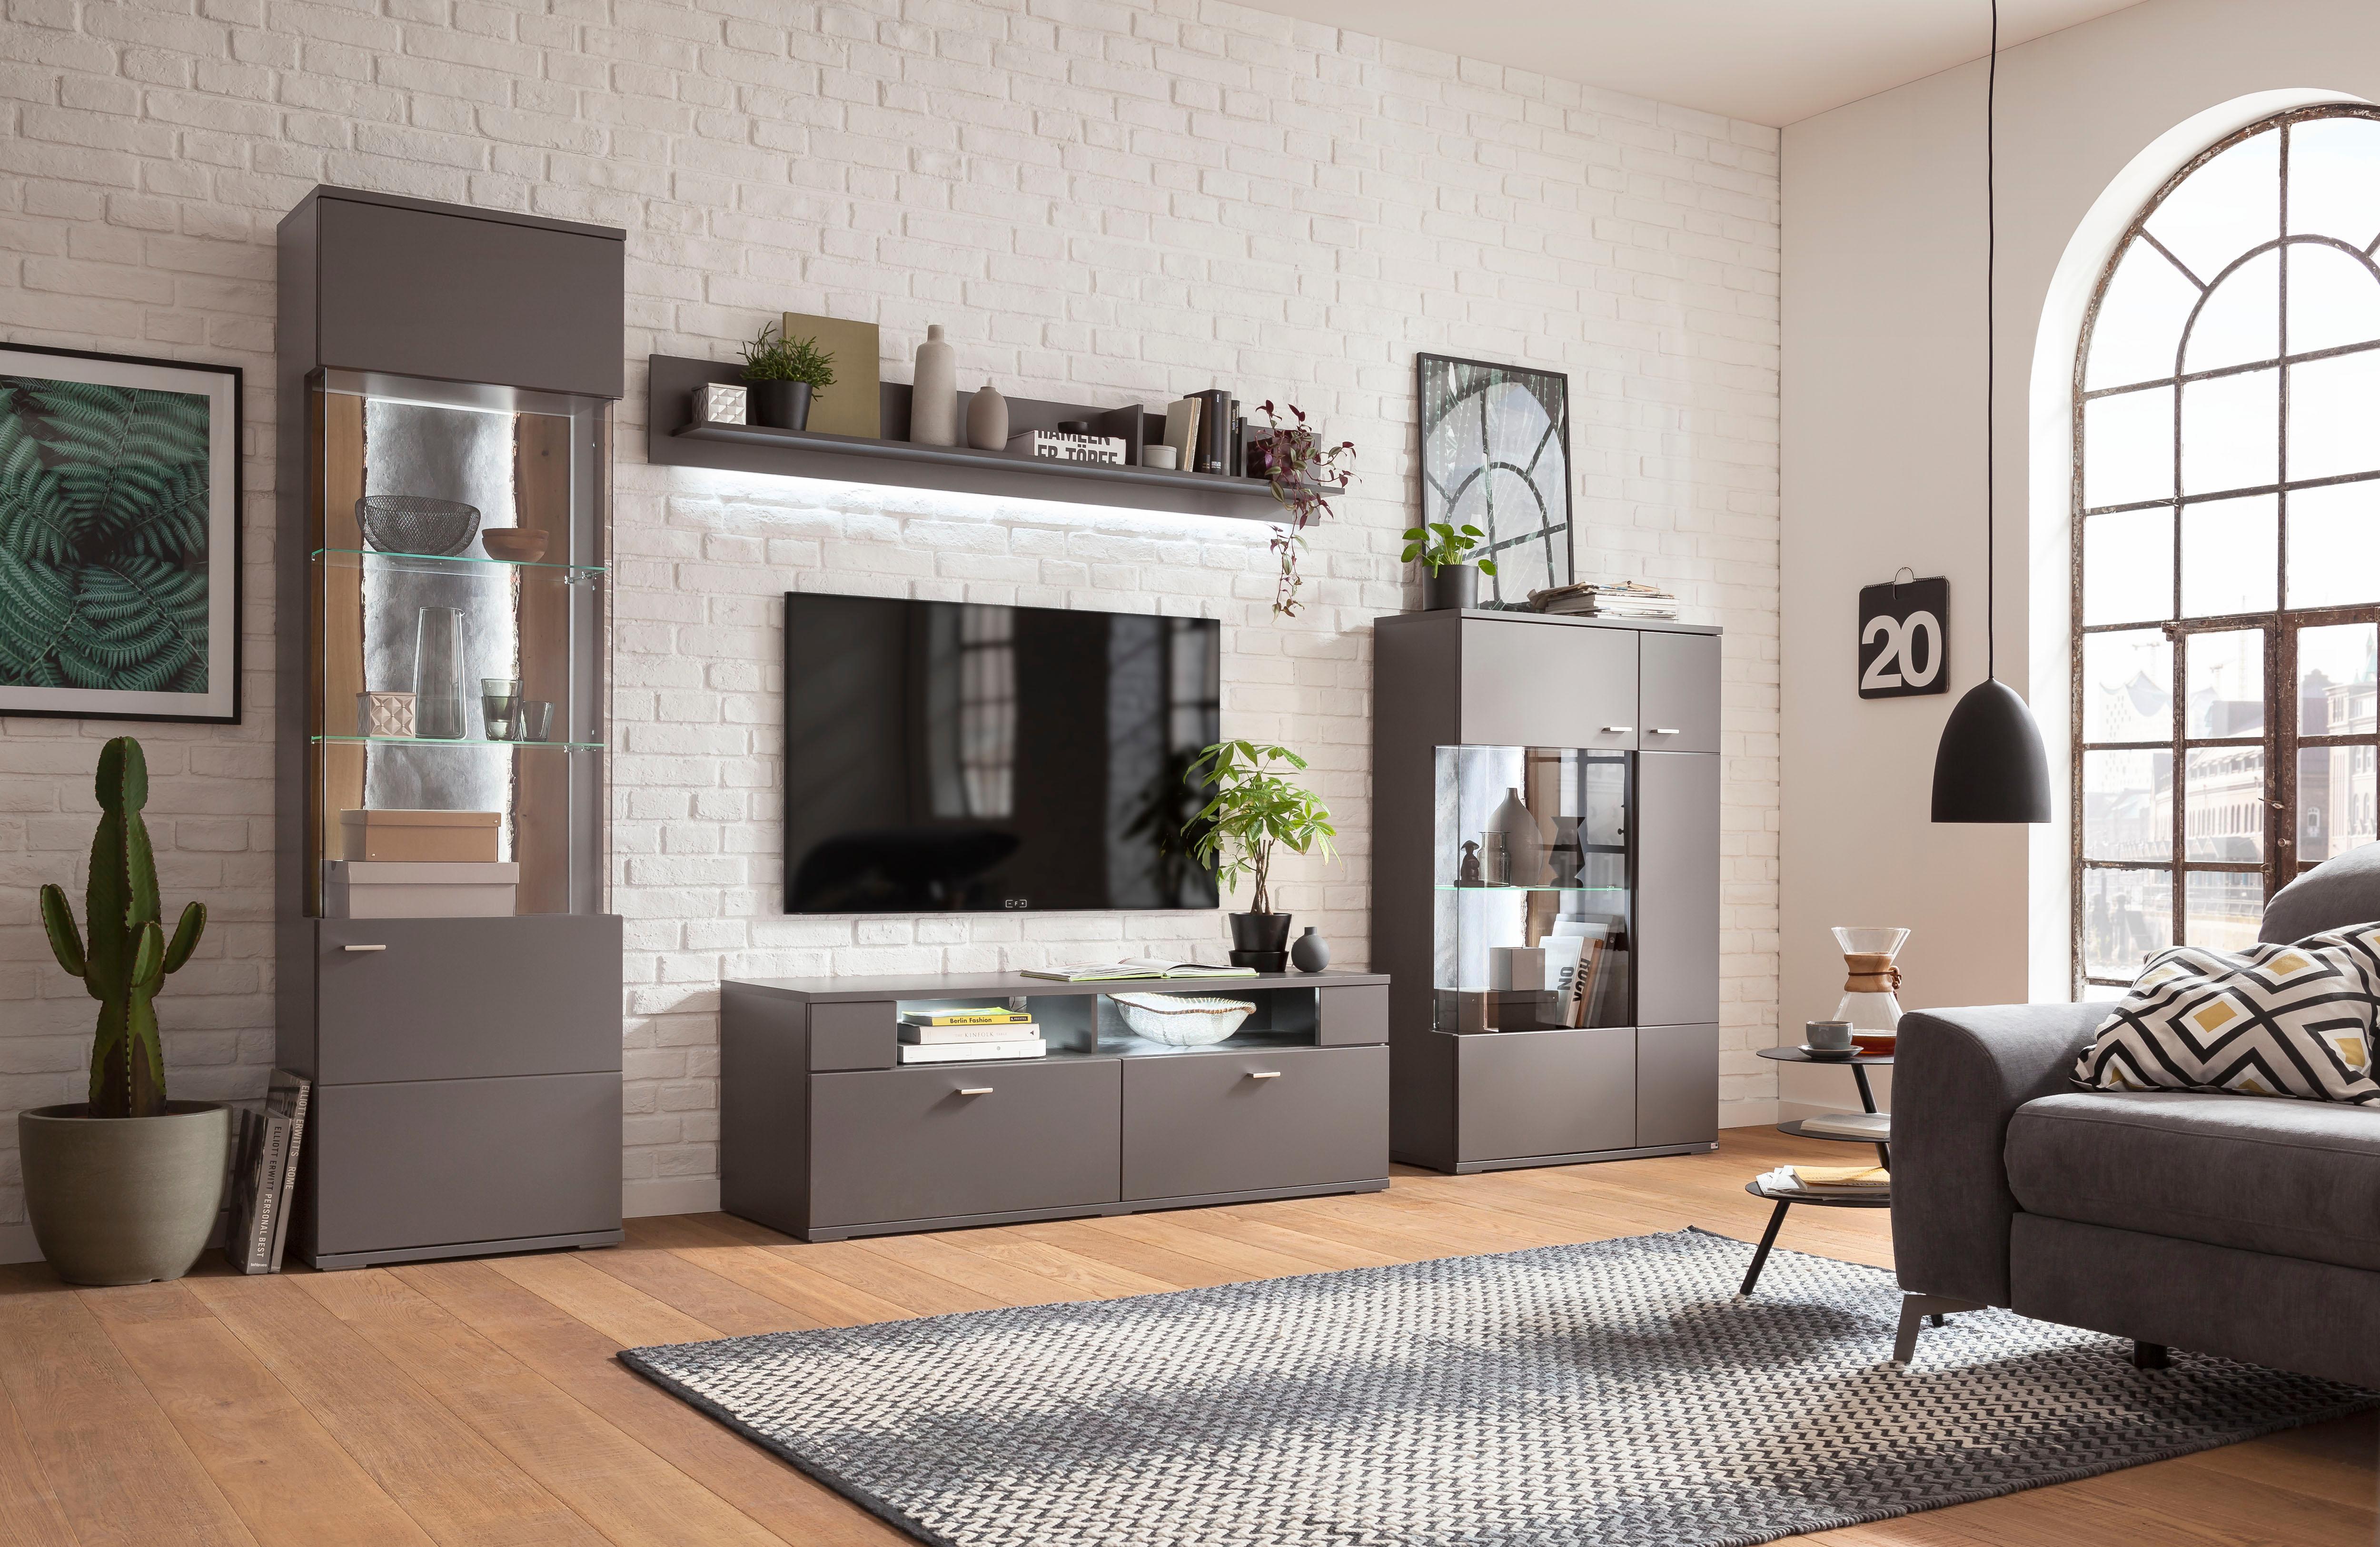 Einfach Wohnwand Musterring Sammlung Von Wohndesign Stil